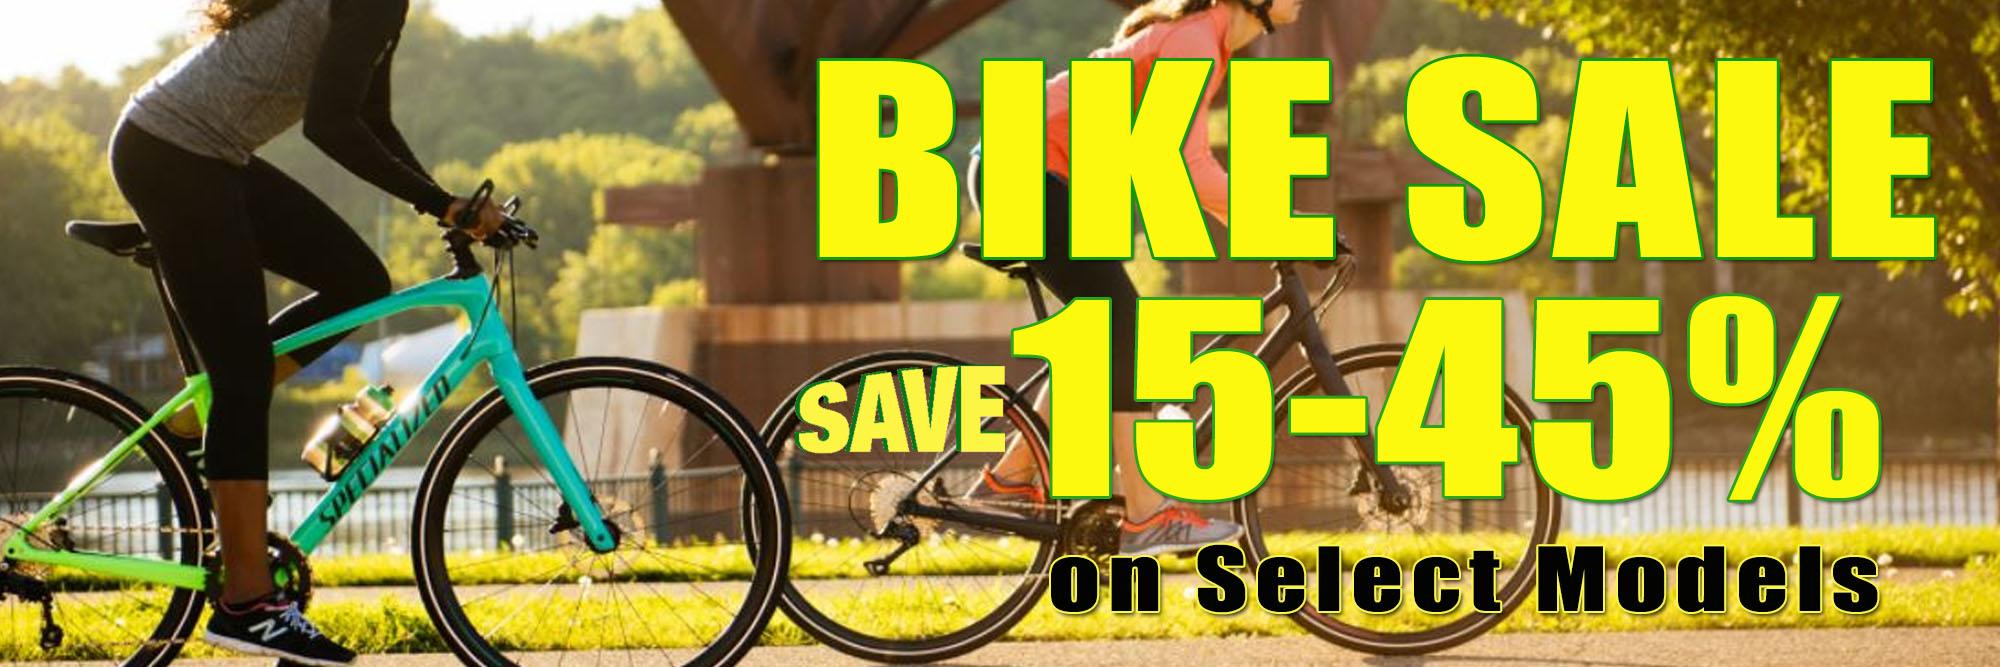 Bike Sale - Save 15-45%